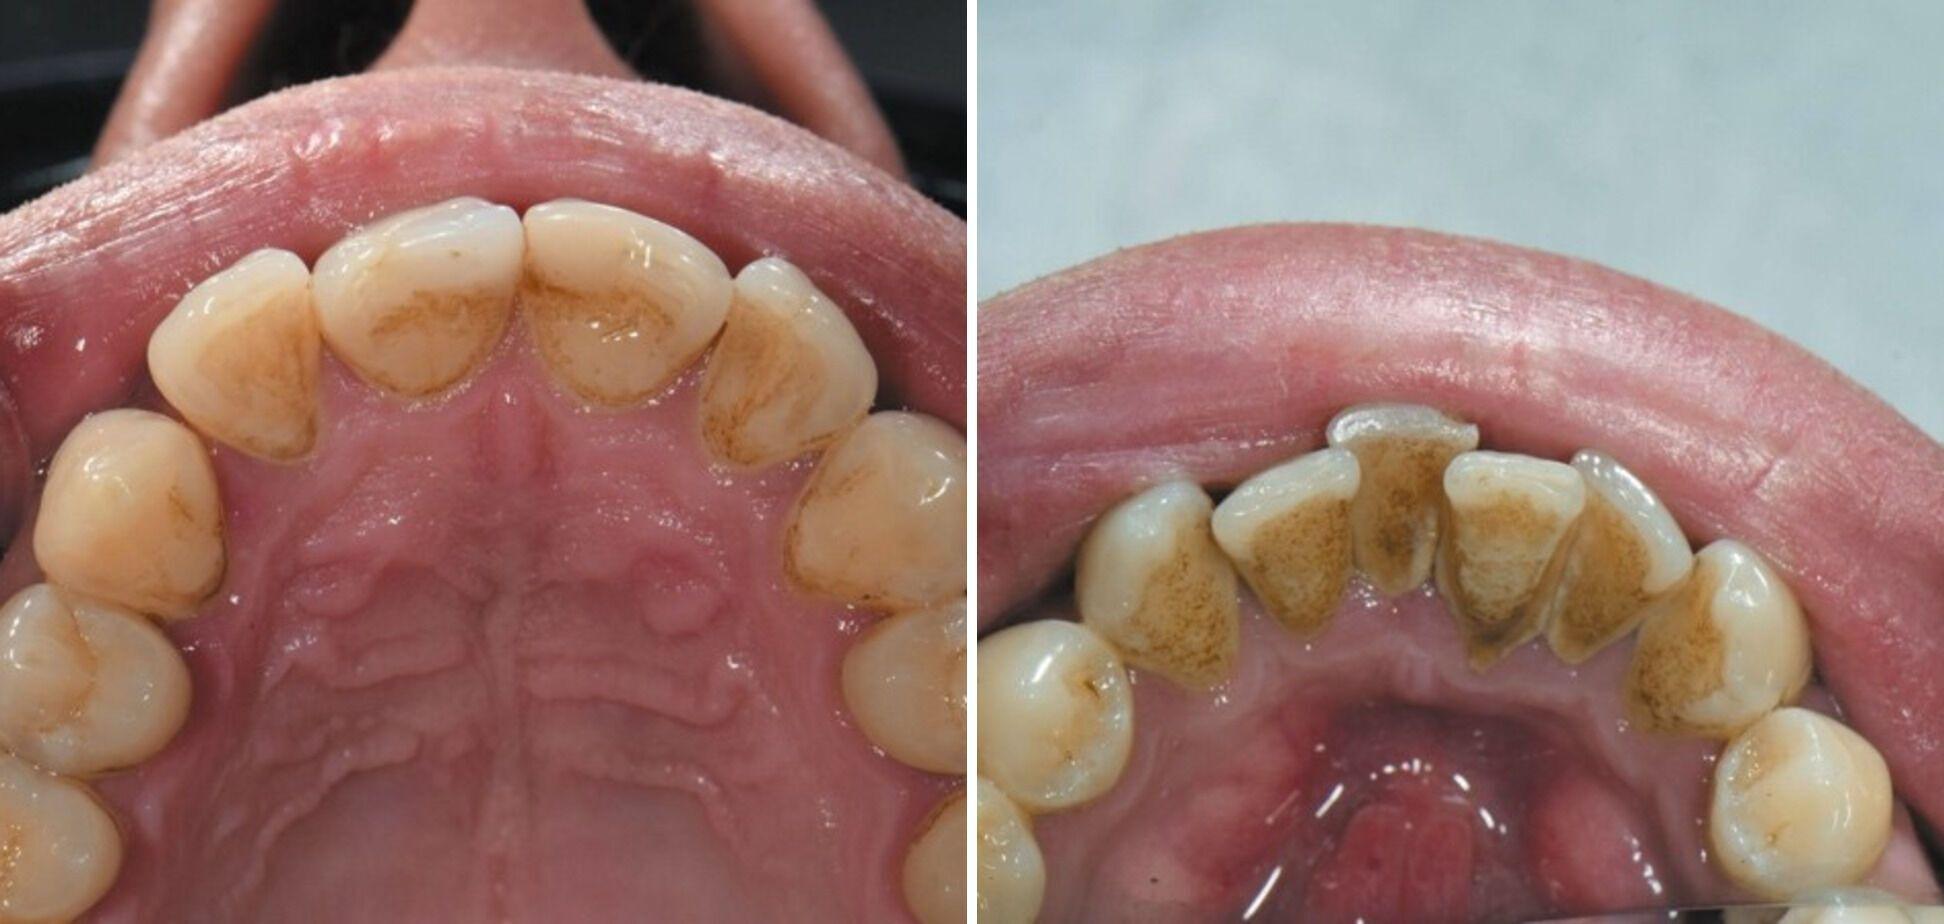 Пациент выкуривает до 20 сигарет в день. Снятие зубных отложений около года назад.